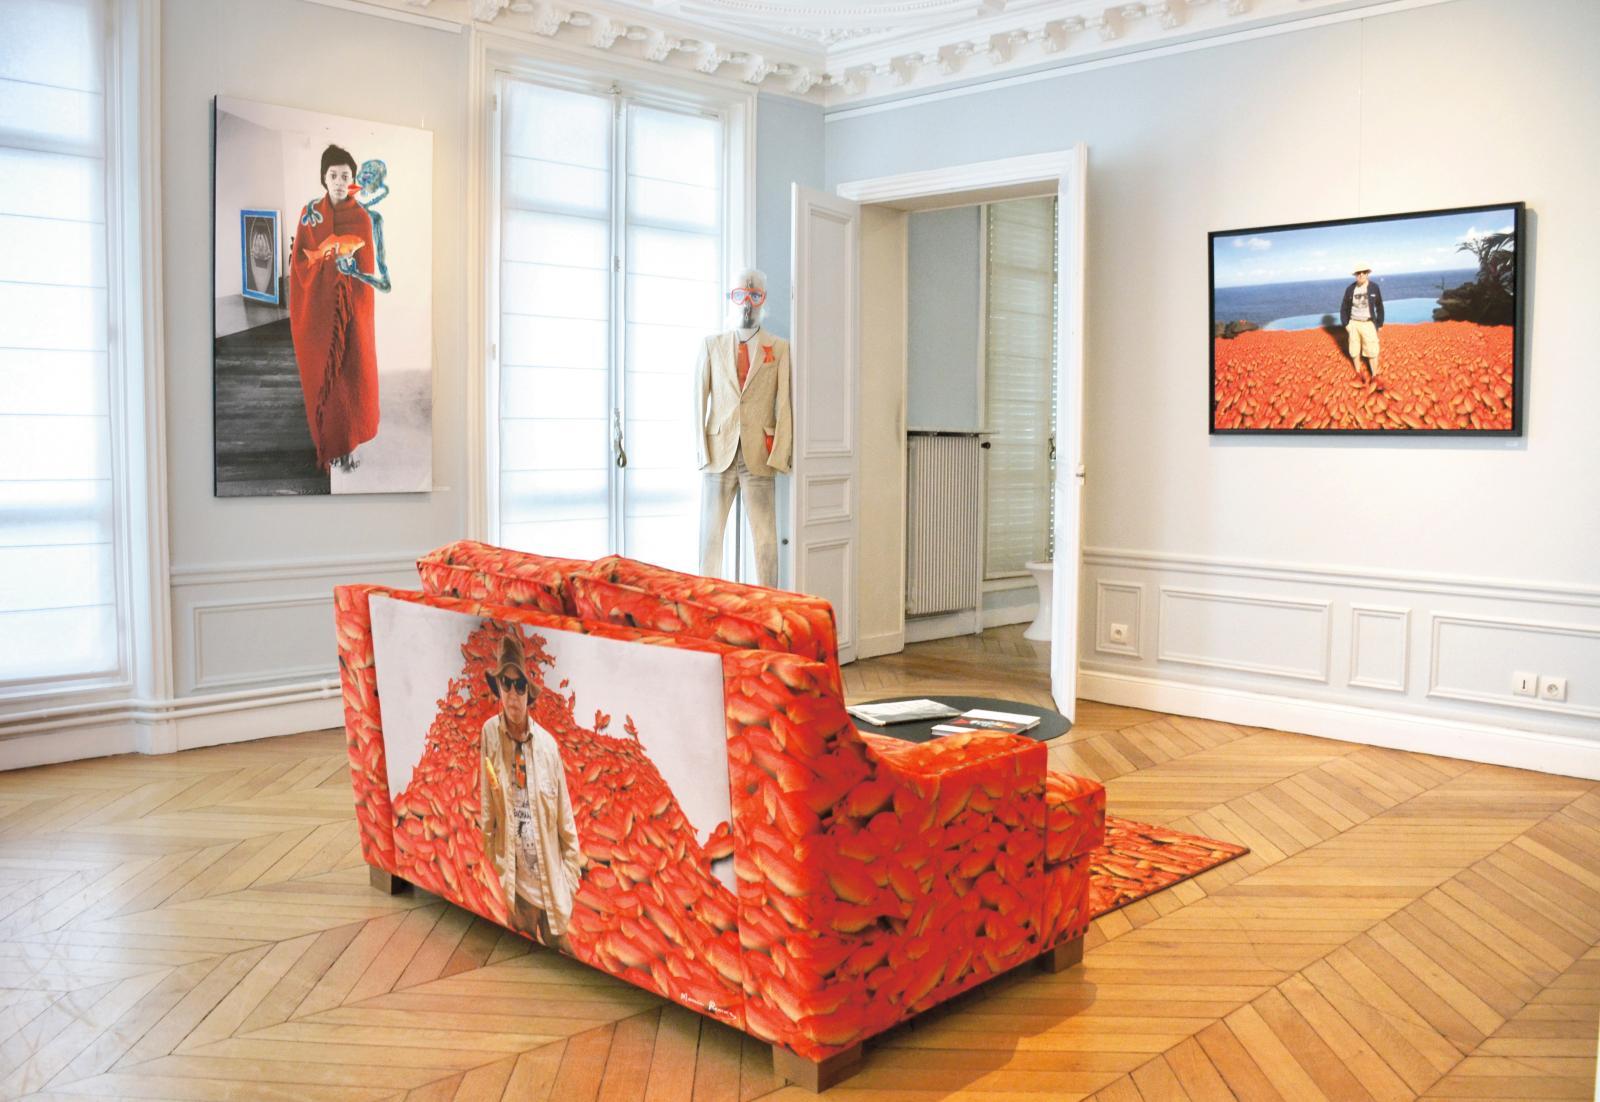 Vue de l'exposition, avec notamment une peinture de Famakan Magassa réalisée sur une photographie de Maurice Renoma.© Renoma